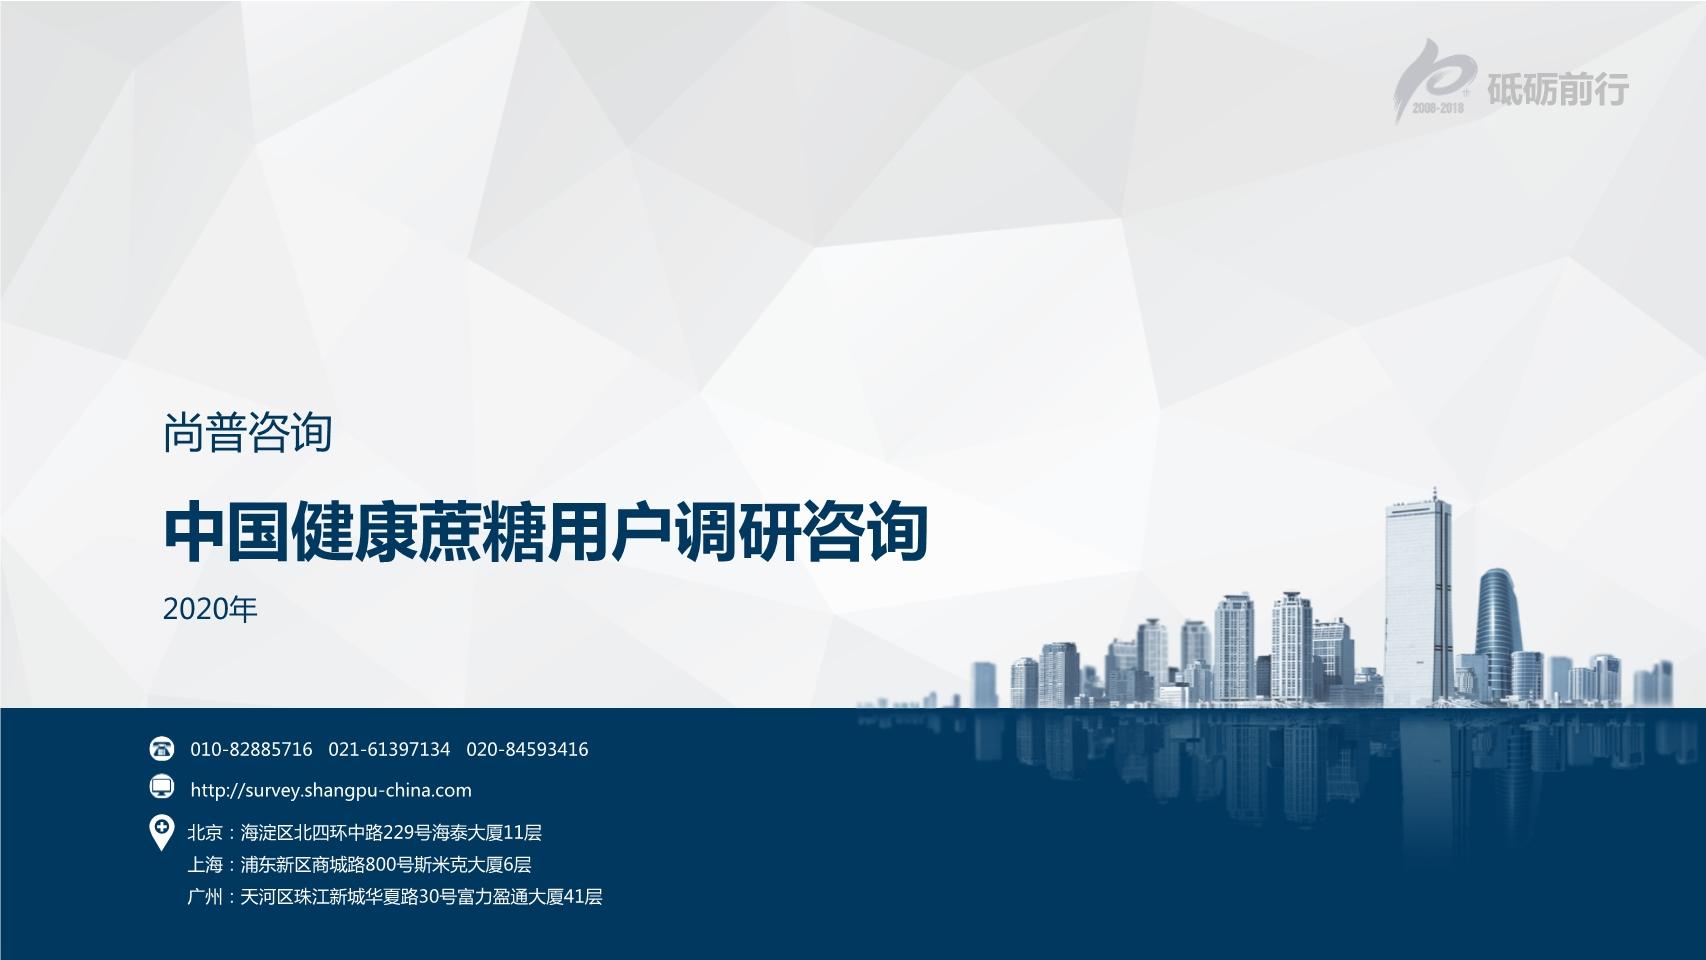 尚普咨询-2020年中国健康蔗糖用户调研